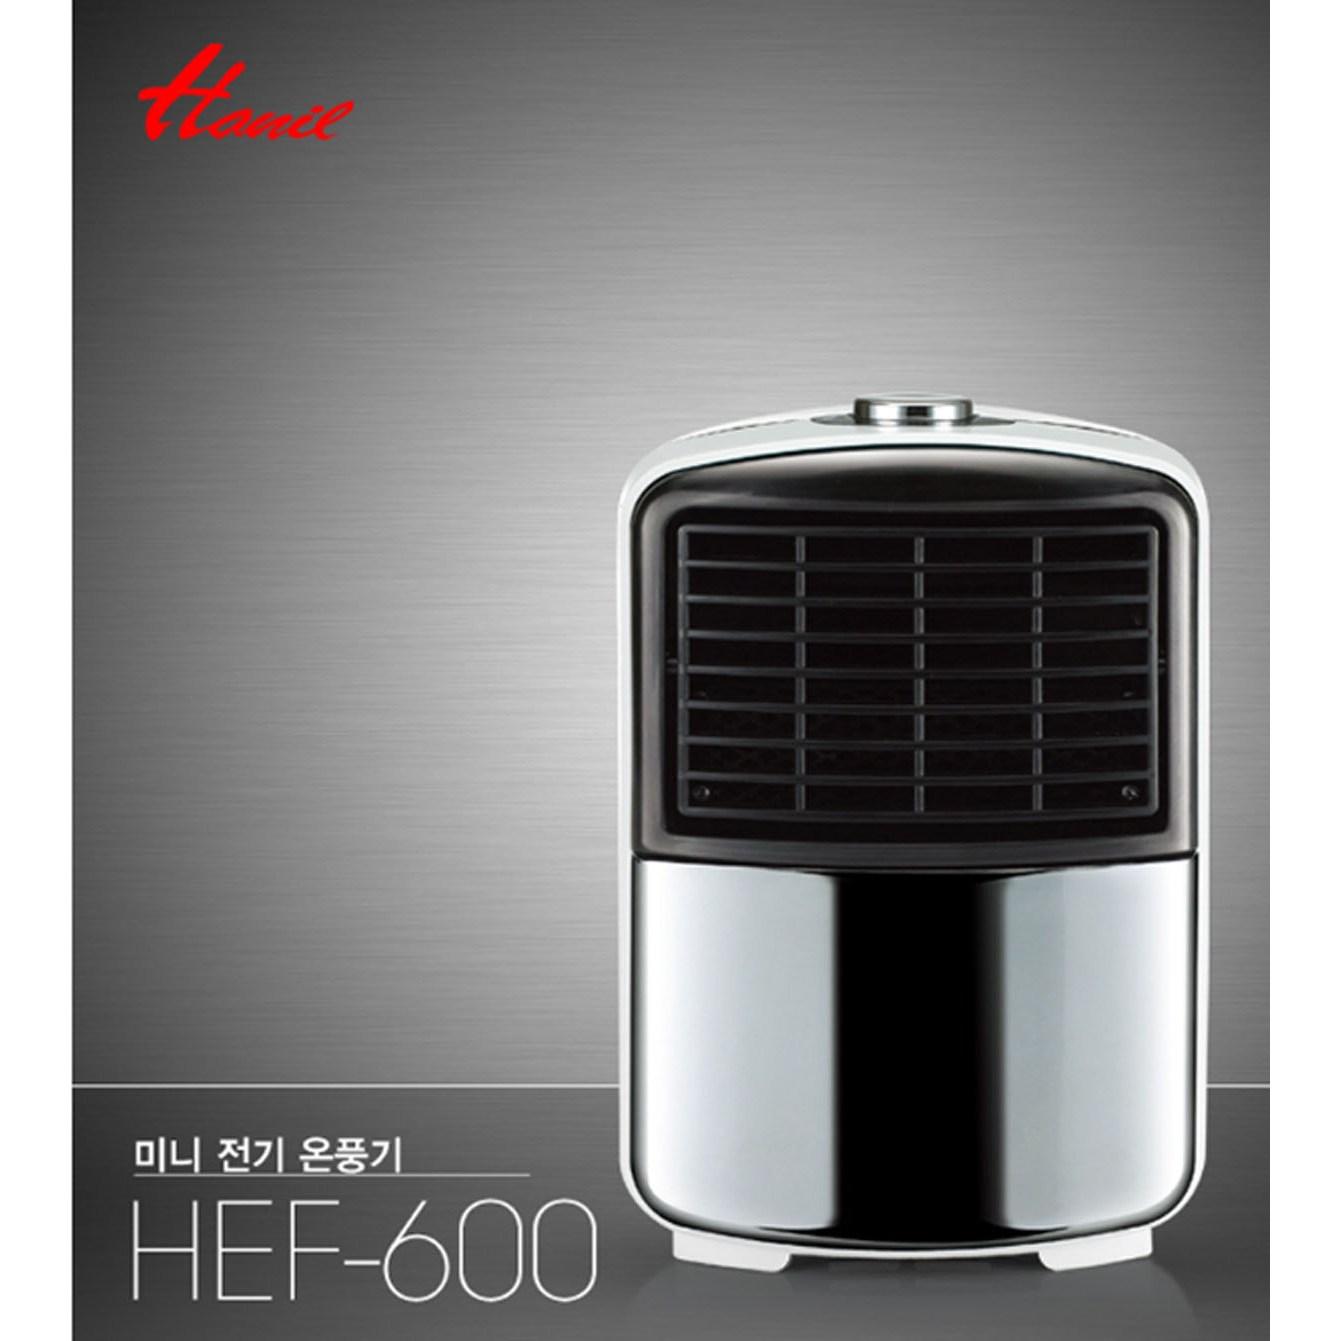 한일 미니 전기 온풍기 미니온풍기 전기히터, 본상품선택